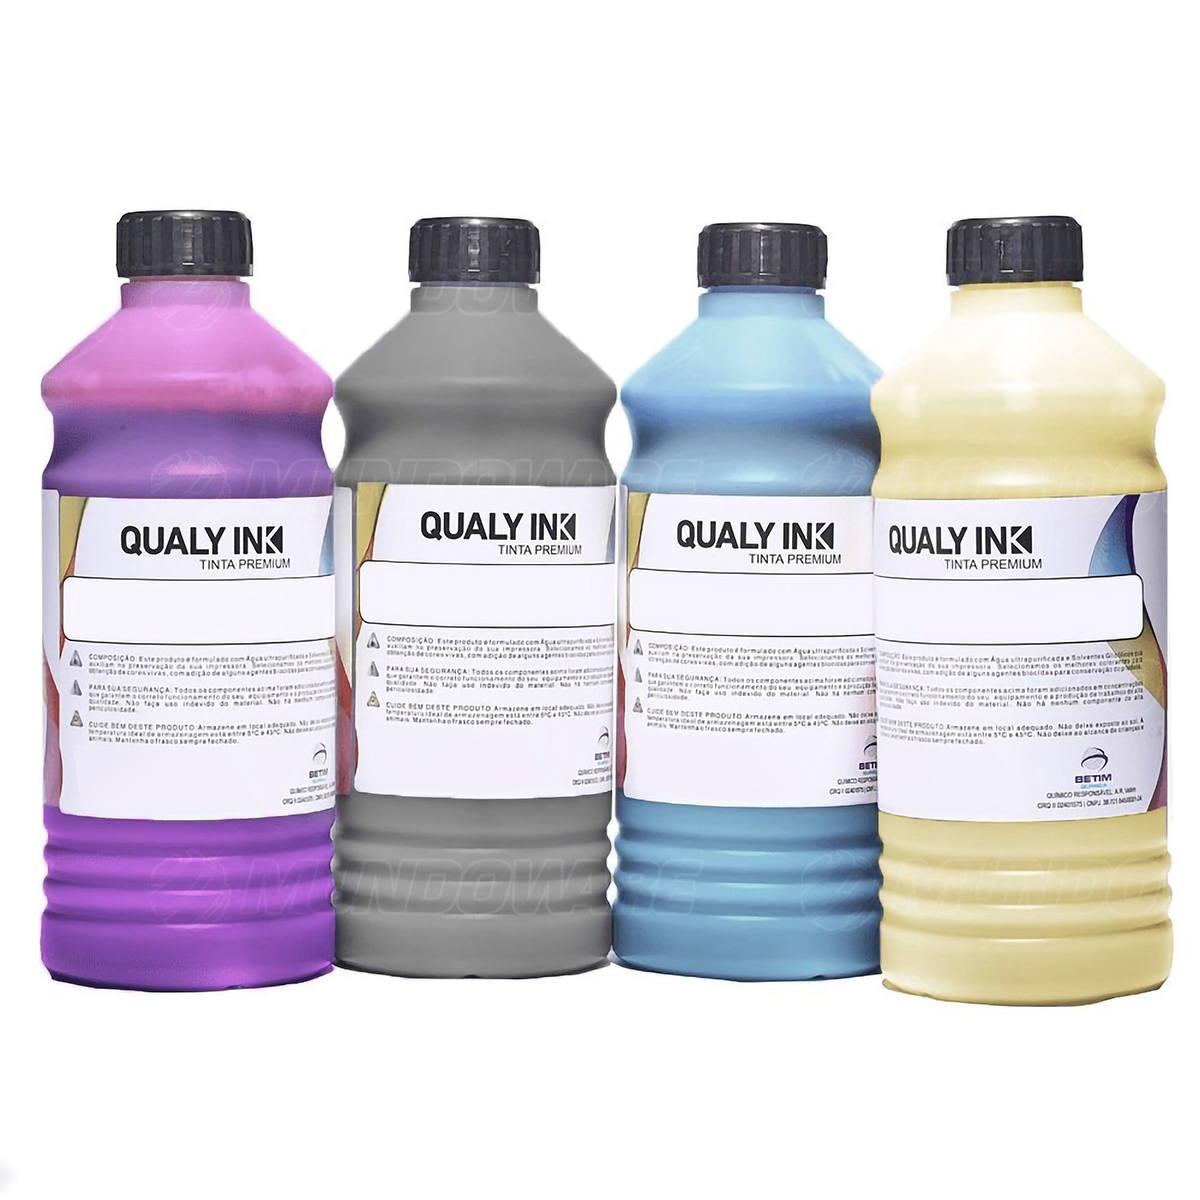 Compatível: Kit 4 Cores Tinta Corante Qualy-Ink Série 664 para Epson L355 L365 L375 L395 L495 L565 CMYK 4 de 1L